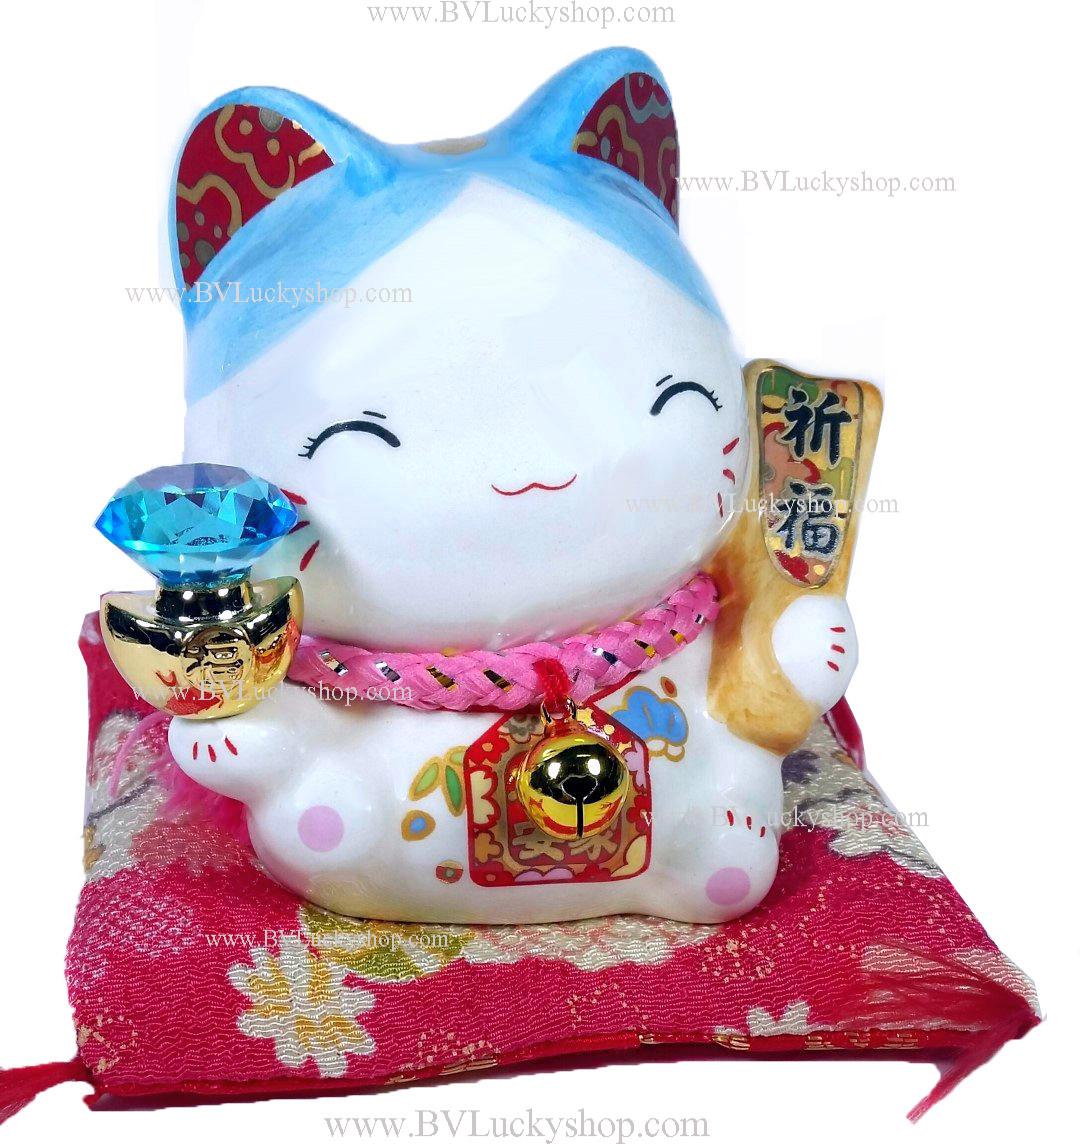 แมวนำโชค แมวกวัก สูง3.5นิ้ว ถือก้อนทองเพชรสีฟ้า และไม้ตีลูกขนไก่ [5010]